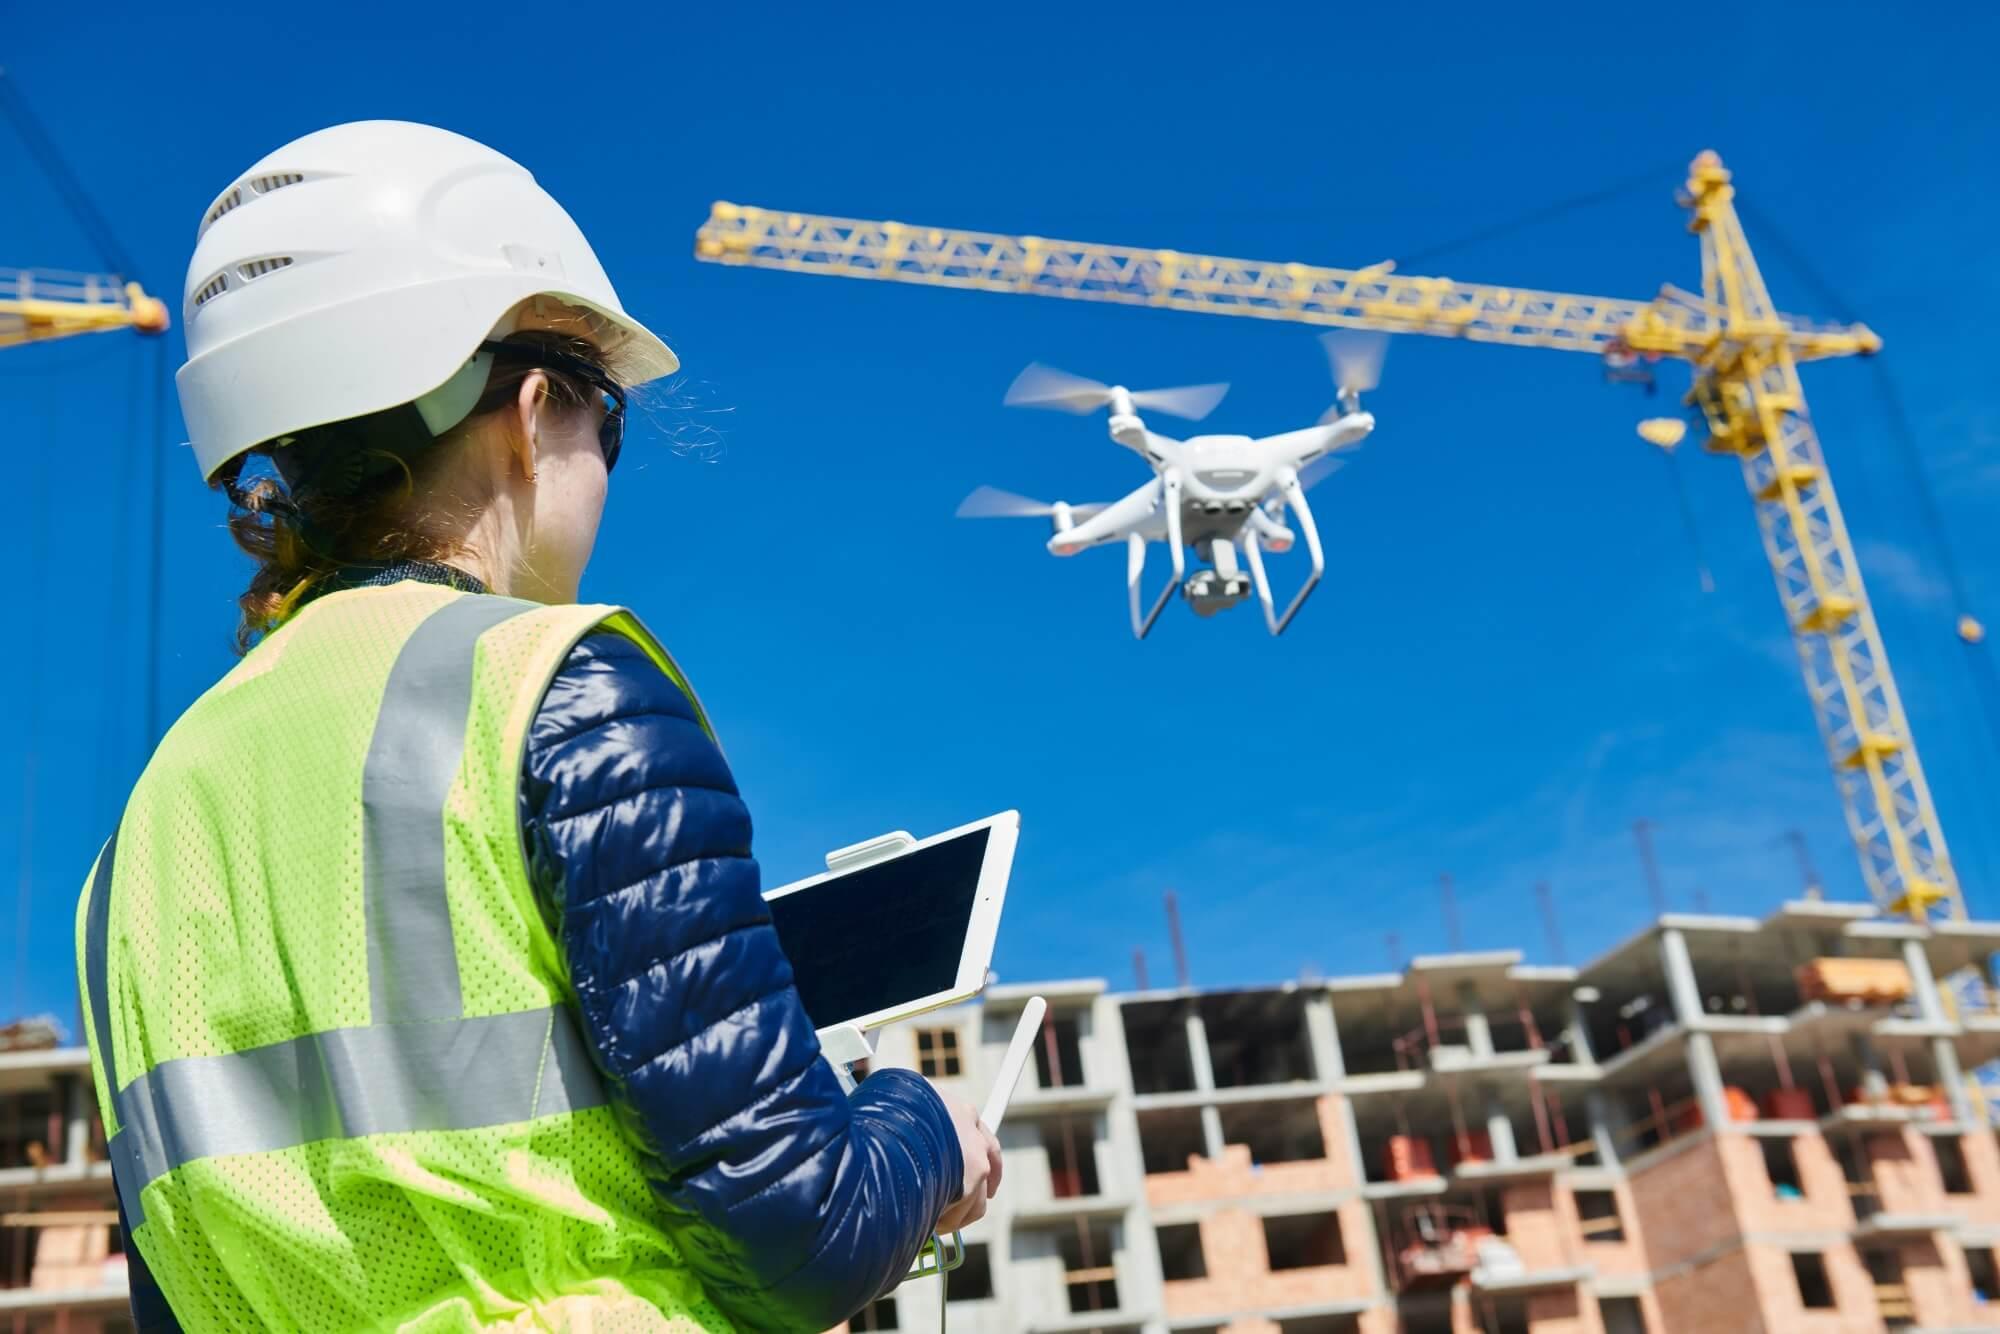 Bauwerksmonitoring: Sicherheit wird messbar